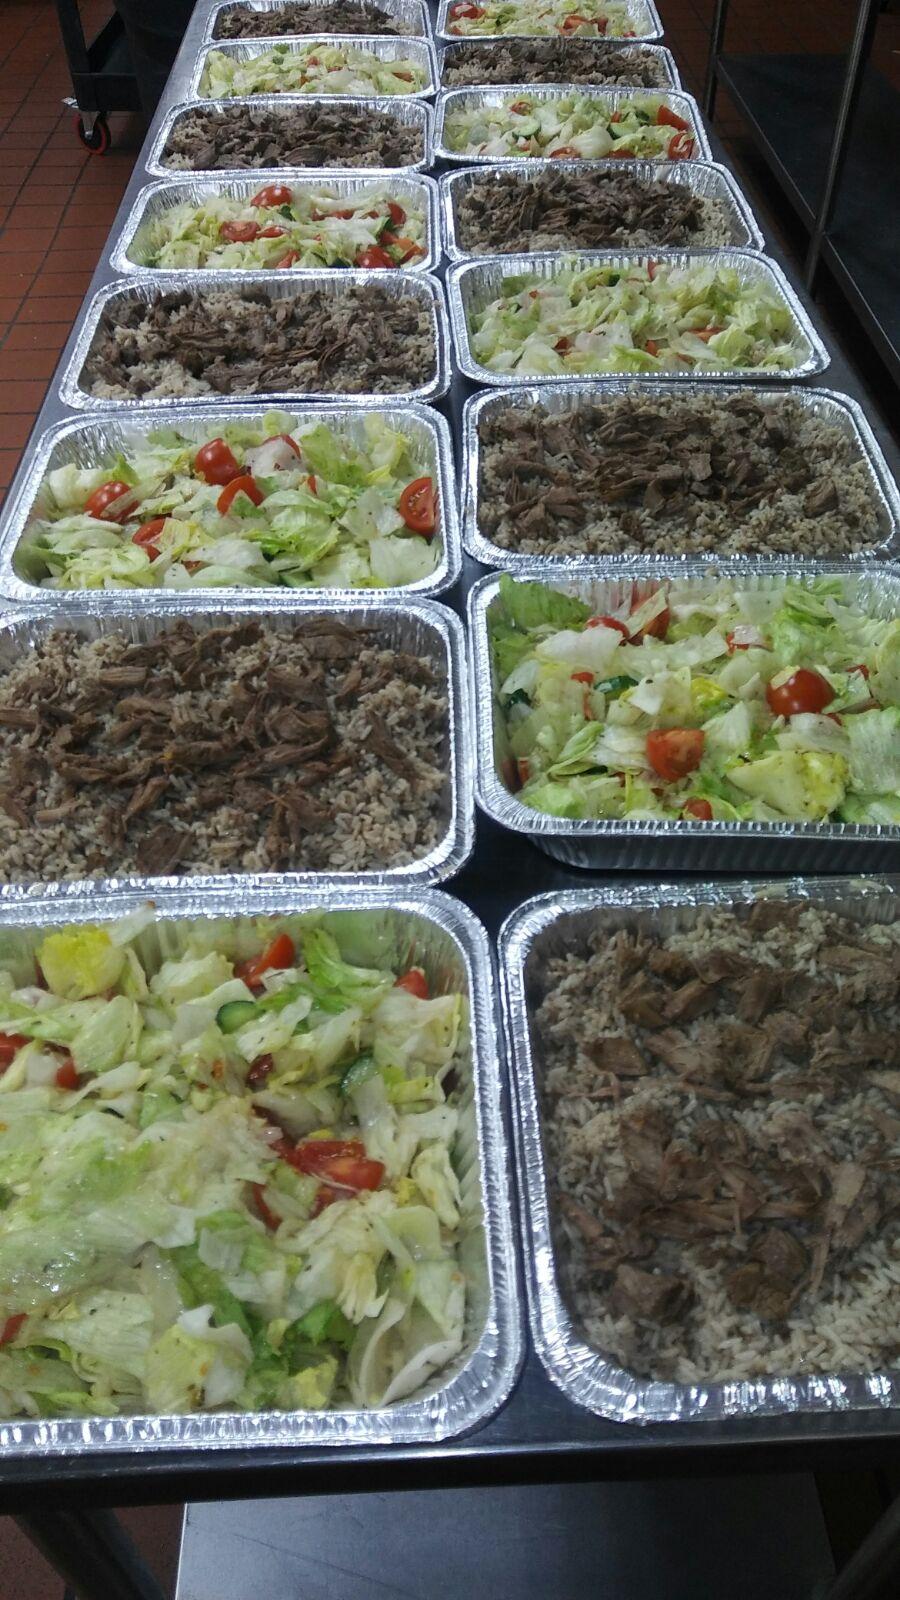 c-asist-refugees-meals-5